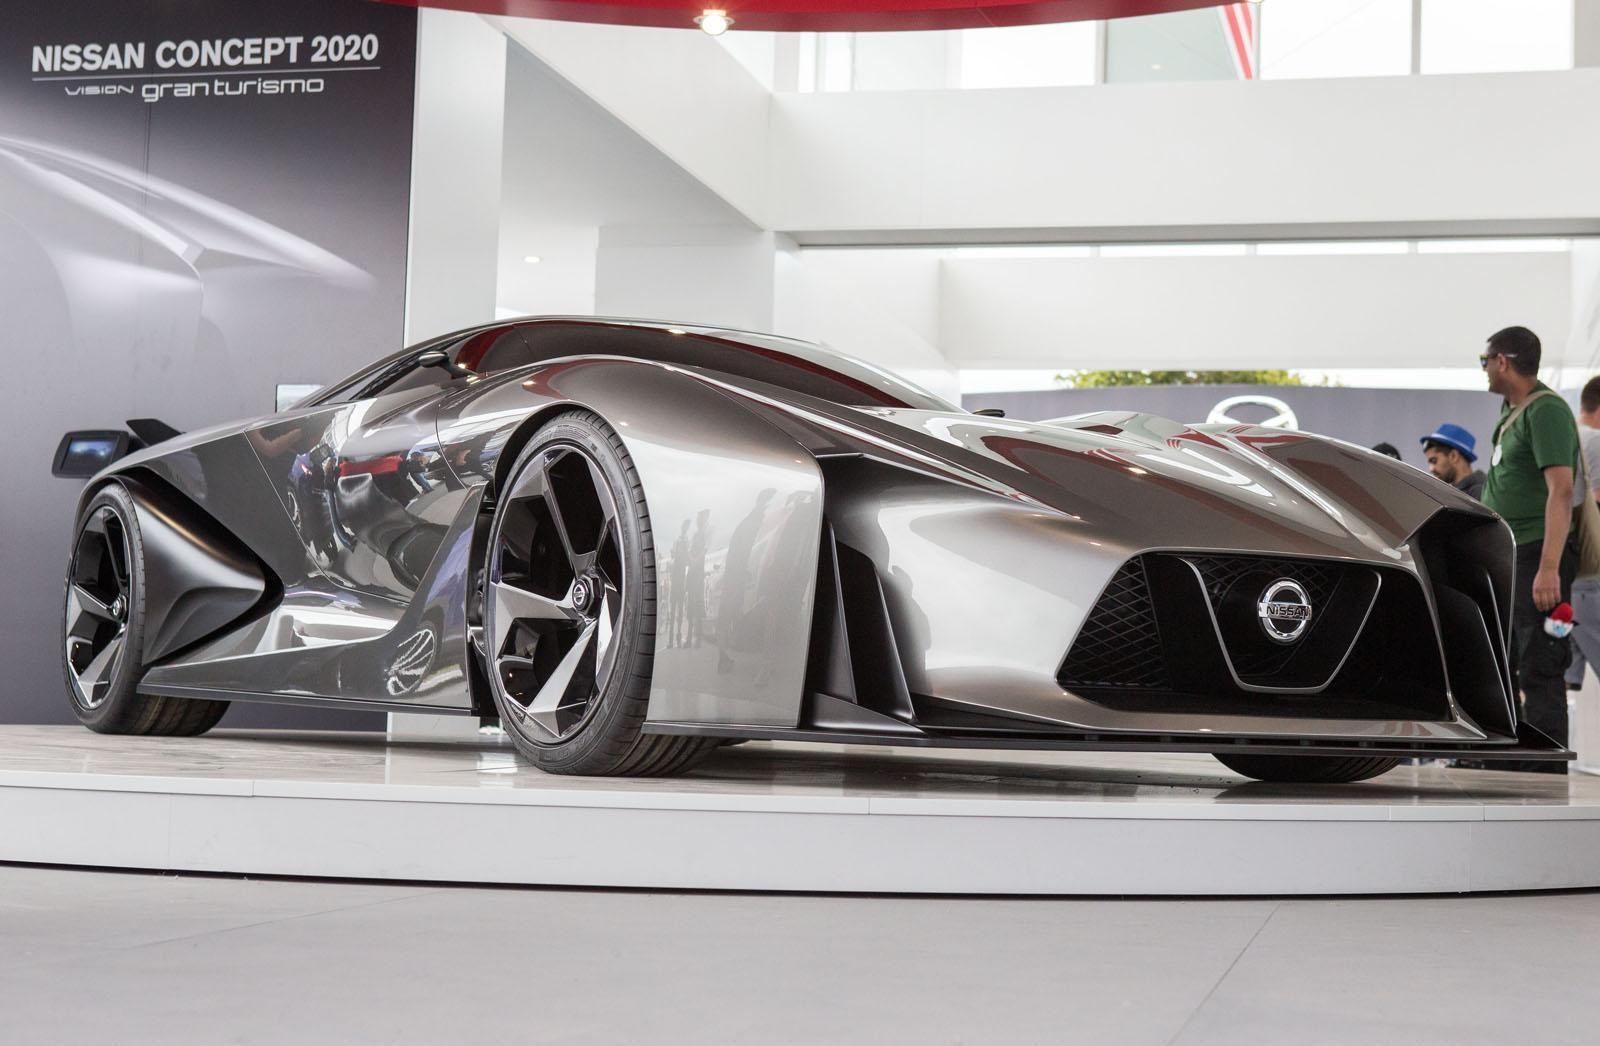 Nissan Concept 2020 Vision Gran Turismo Nuevo Gtr Vehiculos Autos Modelos